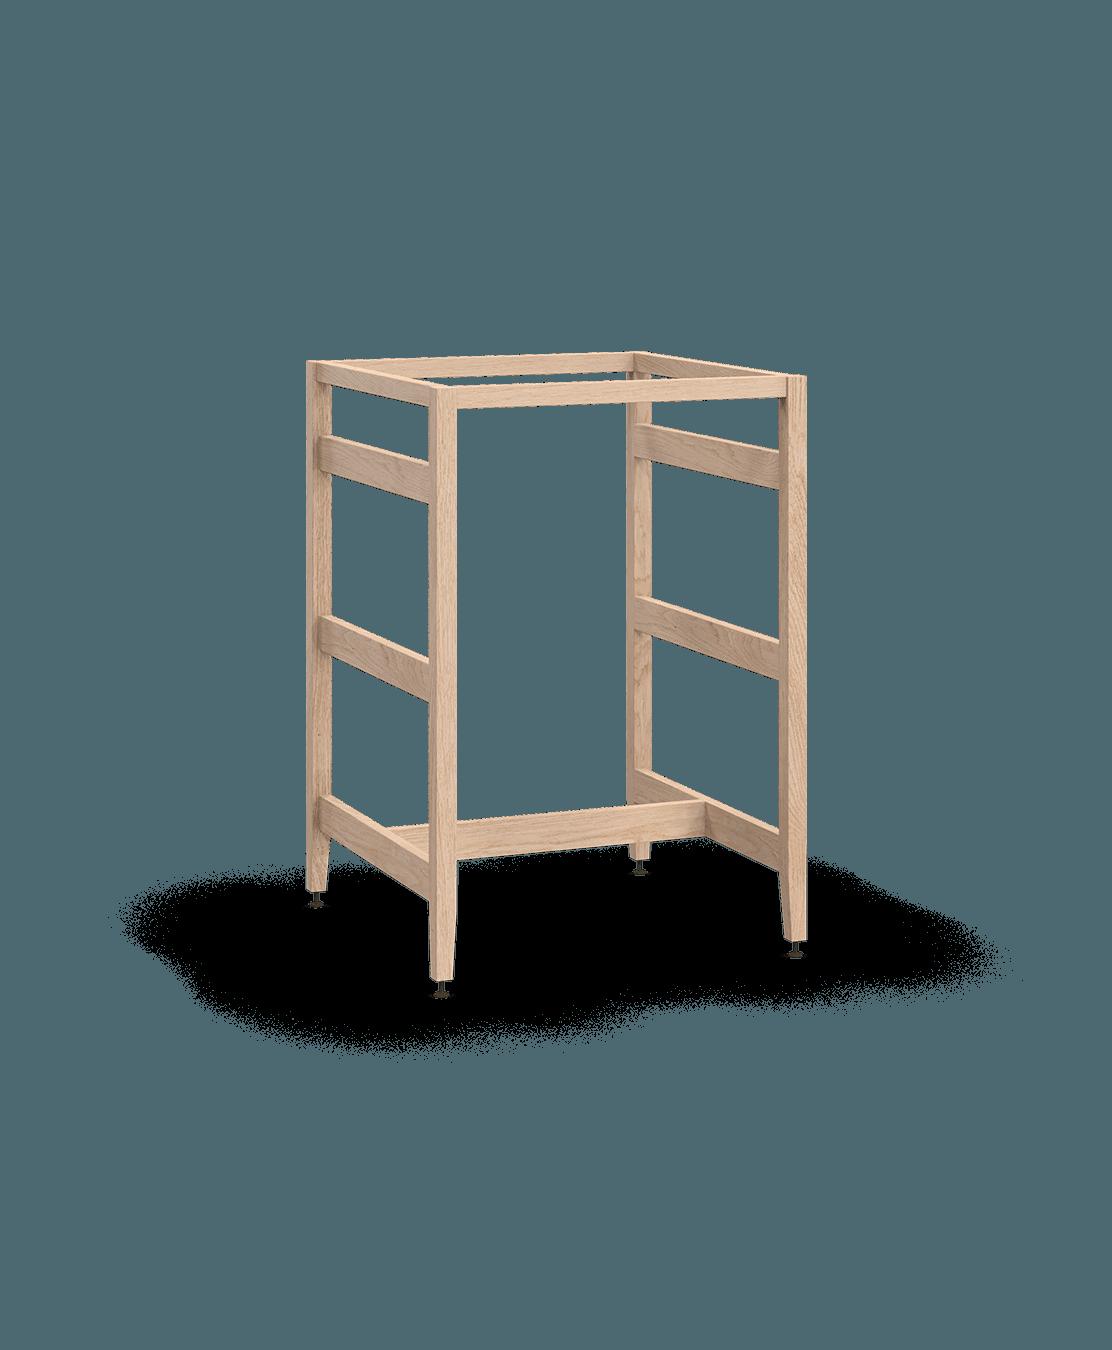 extension pour comptoir lunch de cuisine modulaire en bois massif coquo radix avec chêne blanc 24 pouces C1-CX-2424-0001-NA